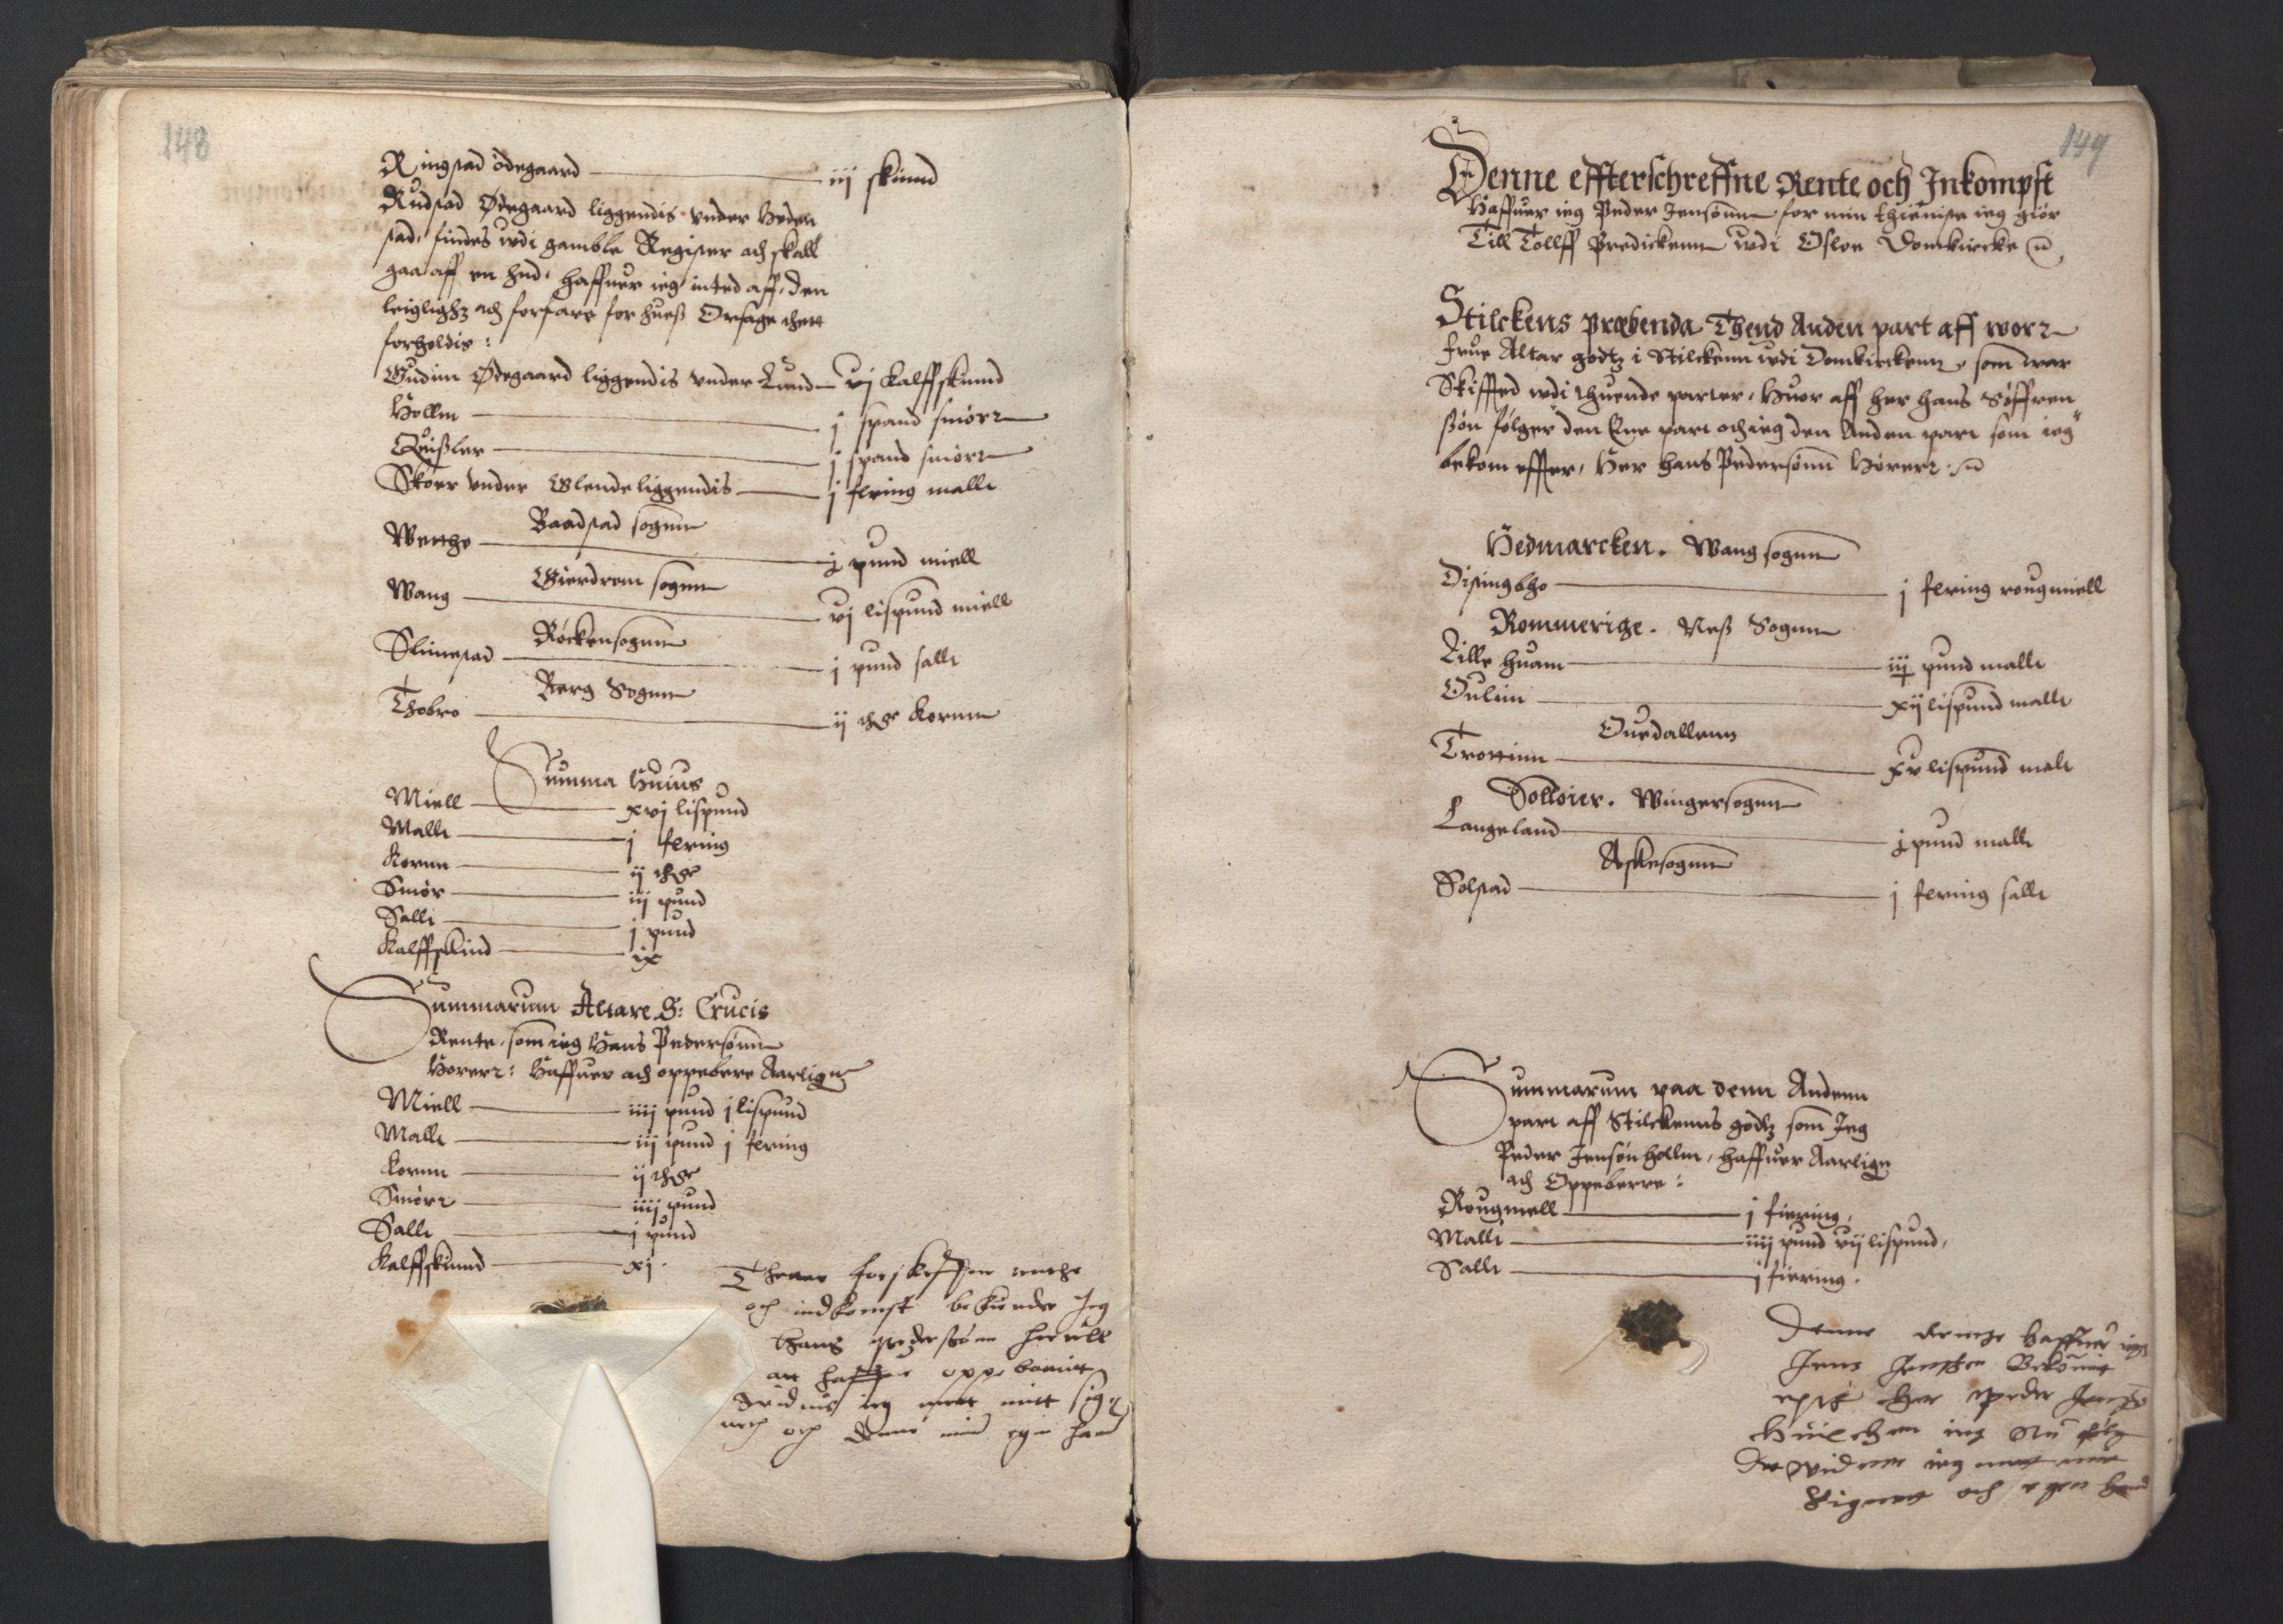 RA, Stattholderembetet 1572-1771, Ek/L0001: Jordebøker før 1624 og til utligning av garnisonsskatt 1624-1626:, 1595, s. 148-149